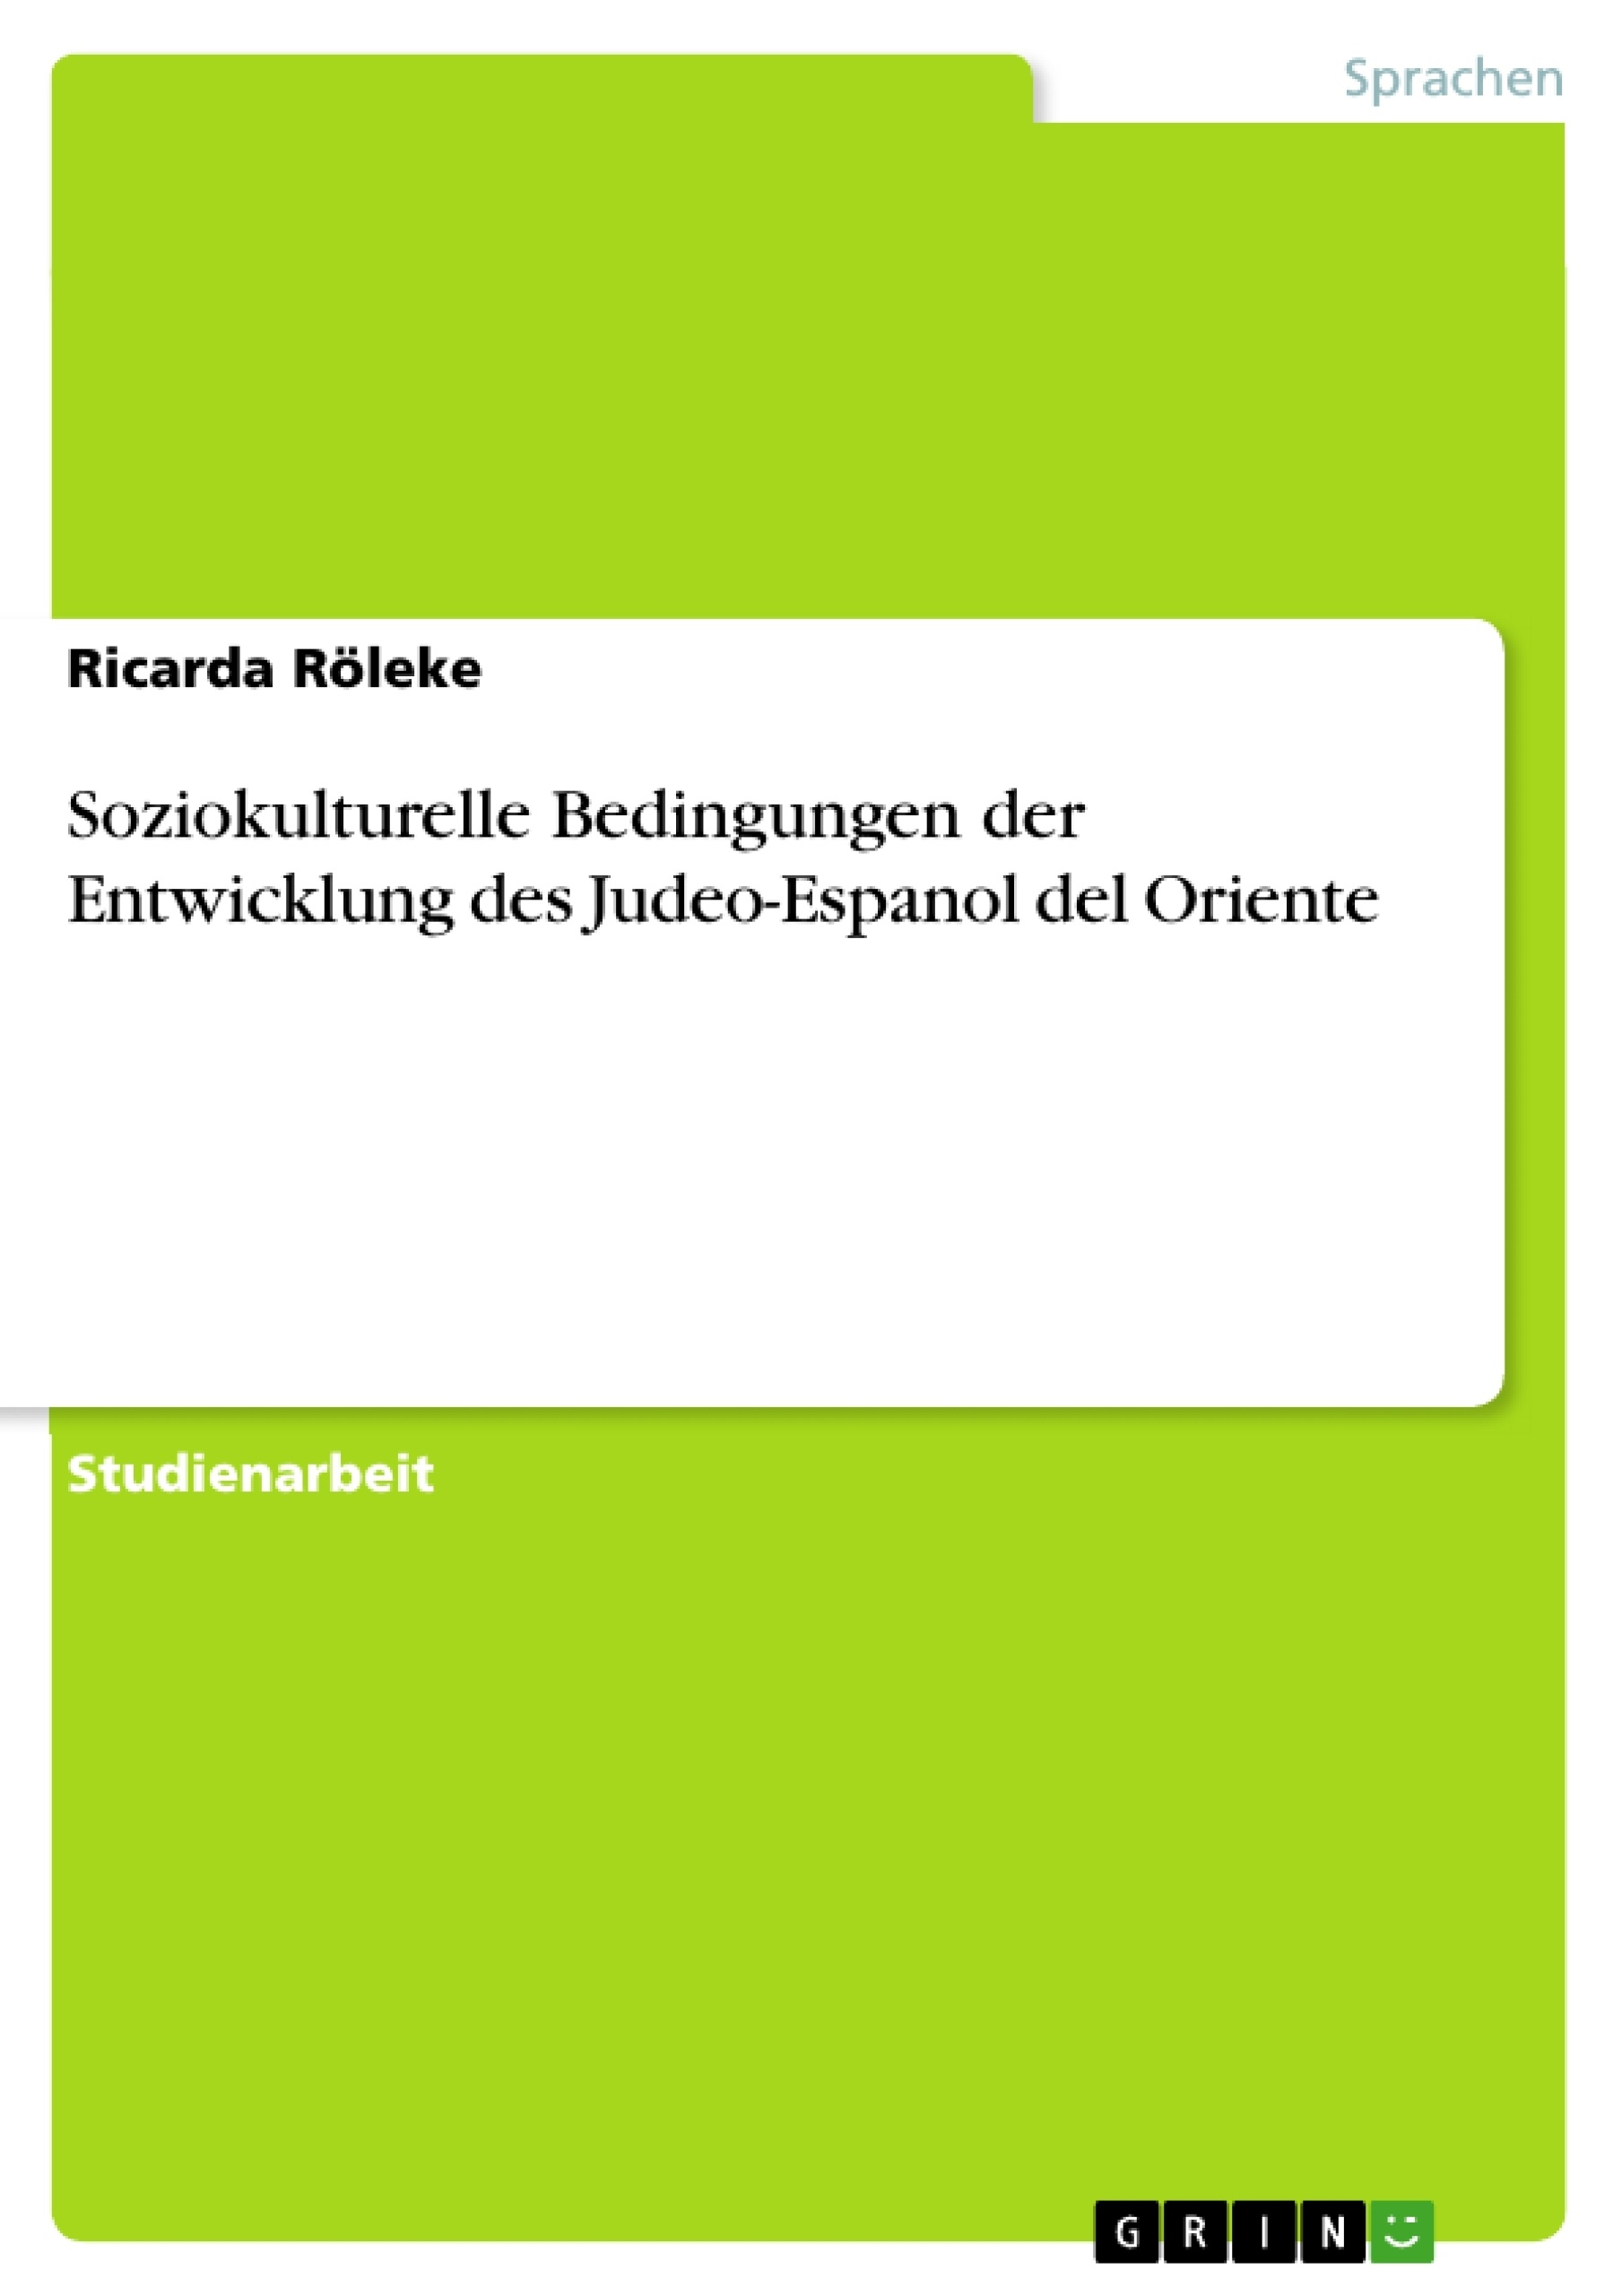 Titel: Soziokulturelle Bedingungen der Entwicklung des Judeo-Espanol del Oriente